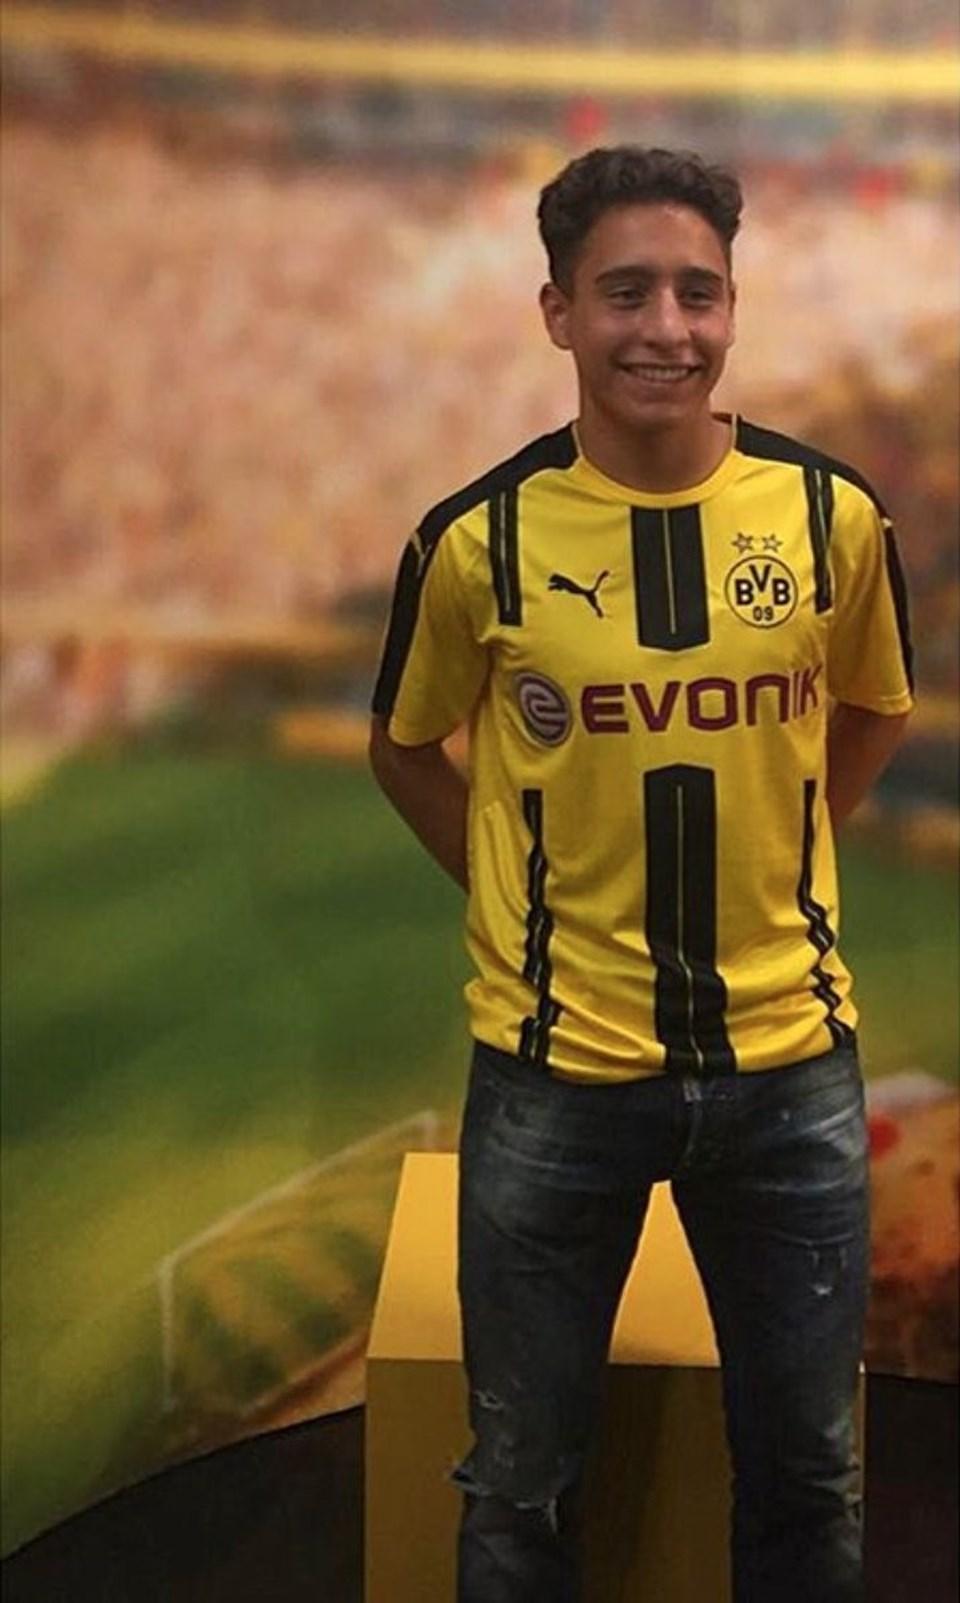 """Dortmund'a transferiyle ilgili Twitter hesabından açıklama yapan Emre Mor, """"Çok onur duydum ve mutluyum"""" dedi. Emre Mor mesajını Borussia Dortmunda formasını giyerek verdi."""